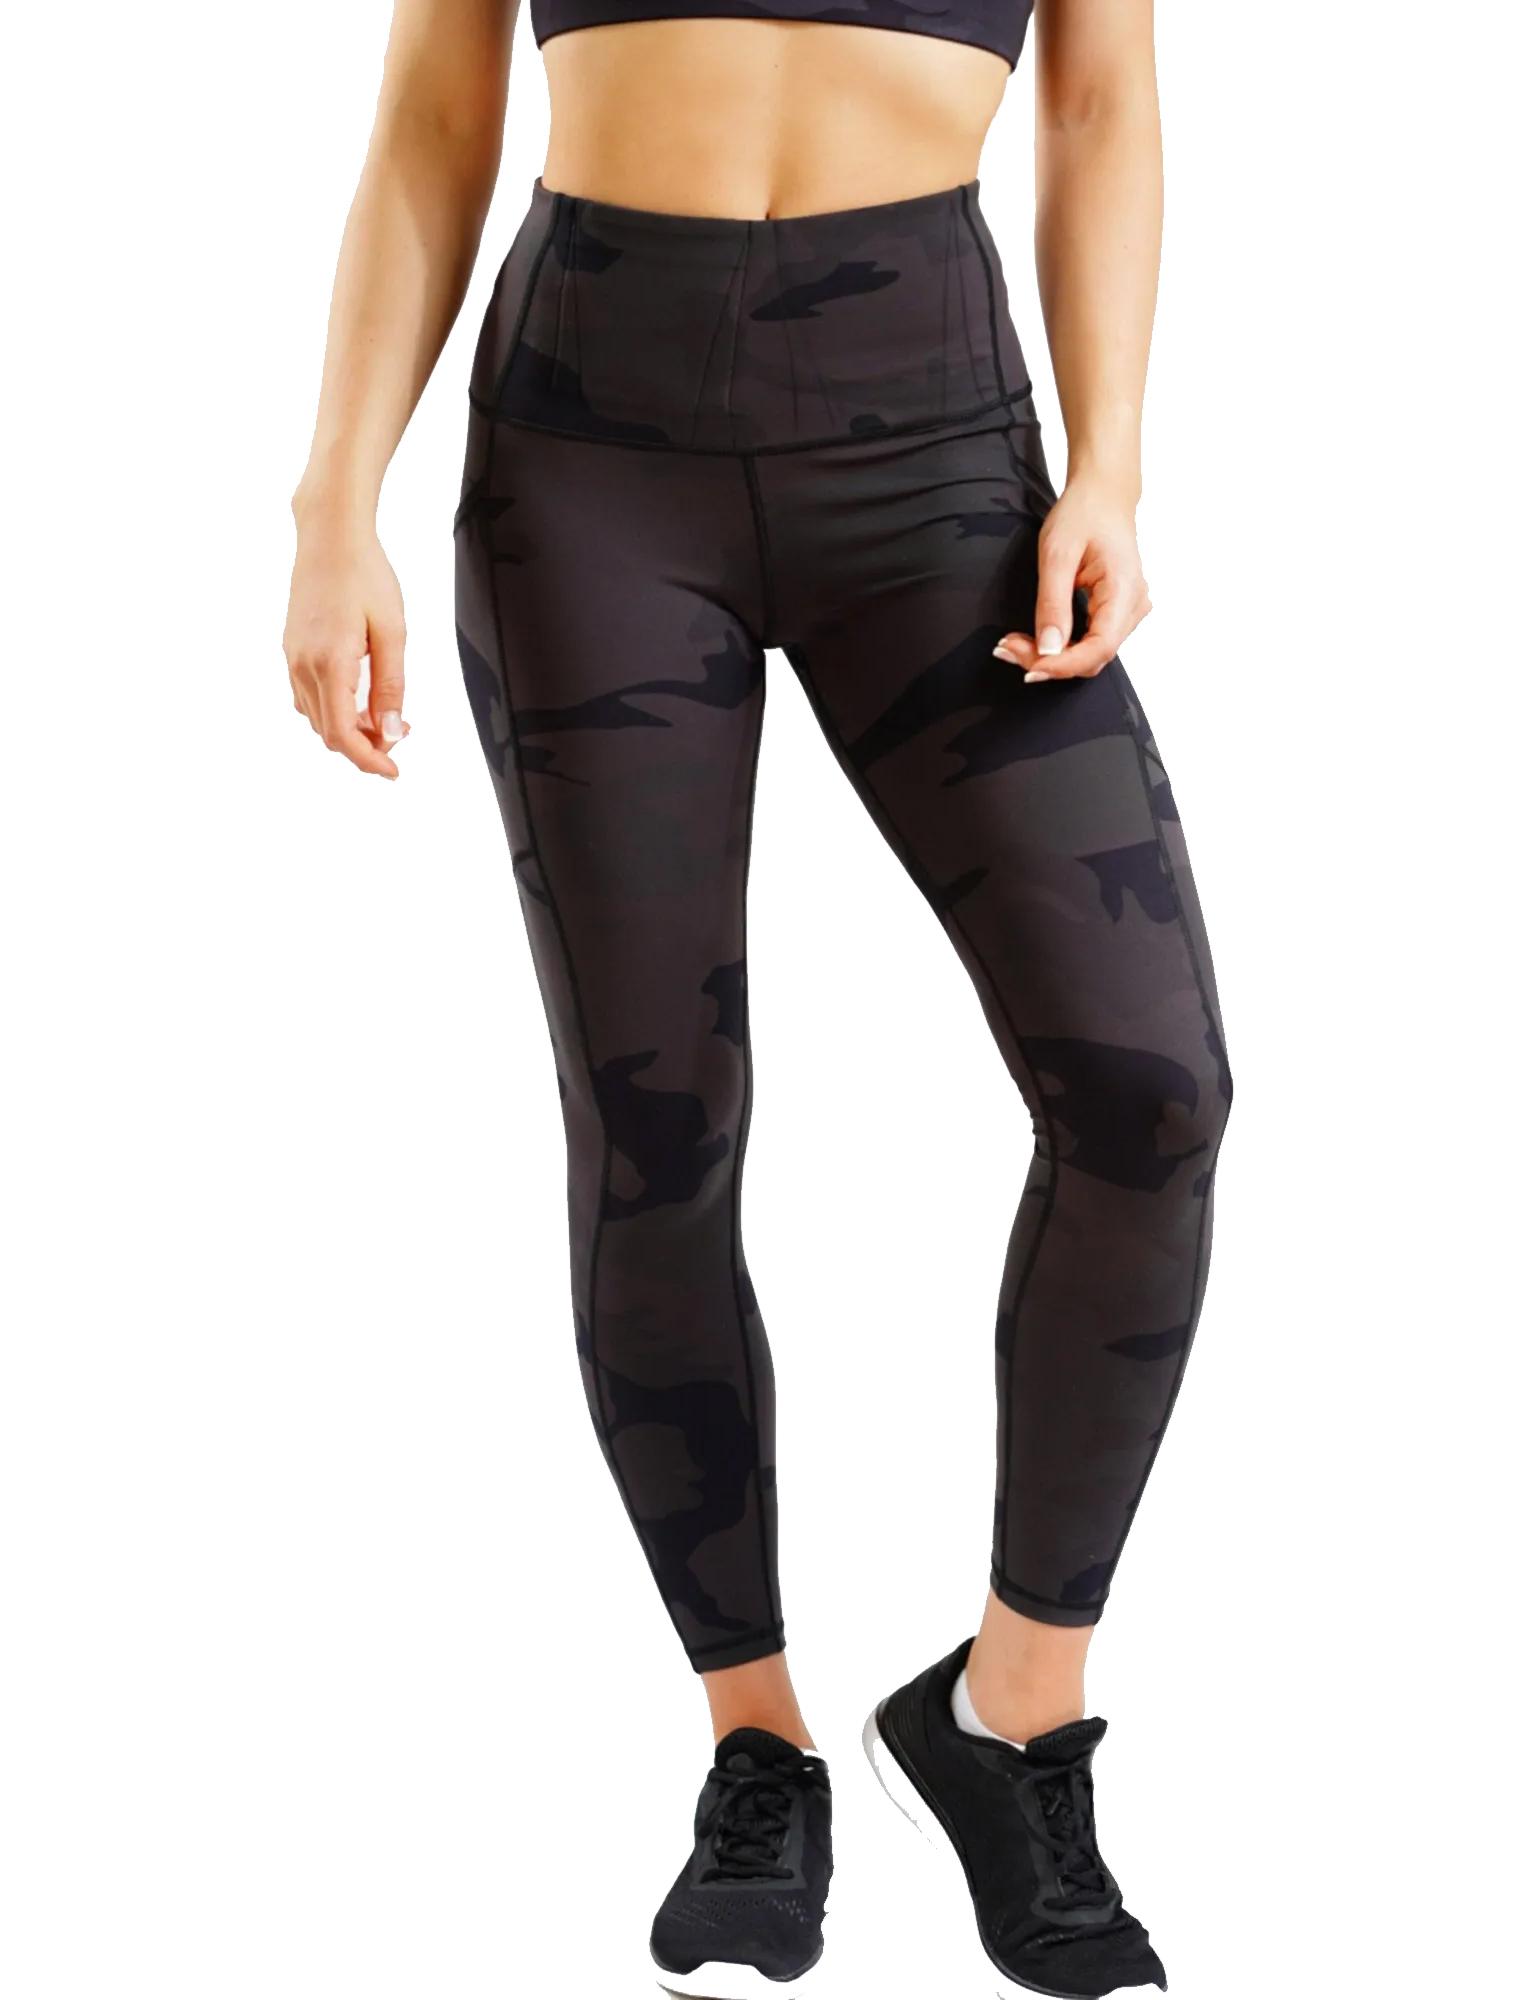 Alexo Camo 7/8 Conceal Carry Legging - Women's